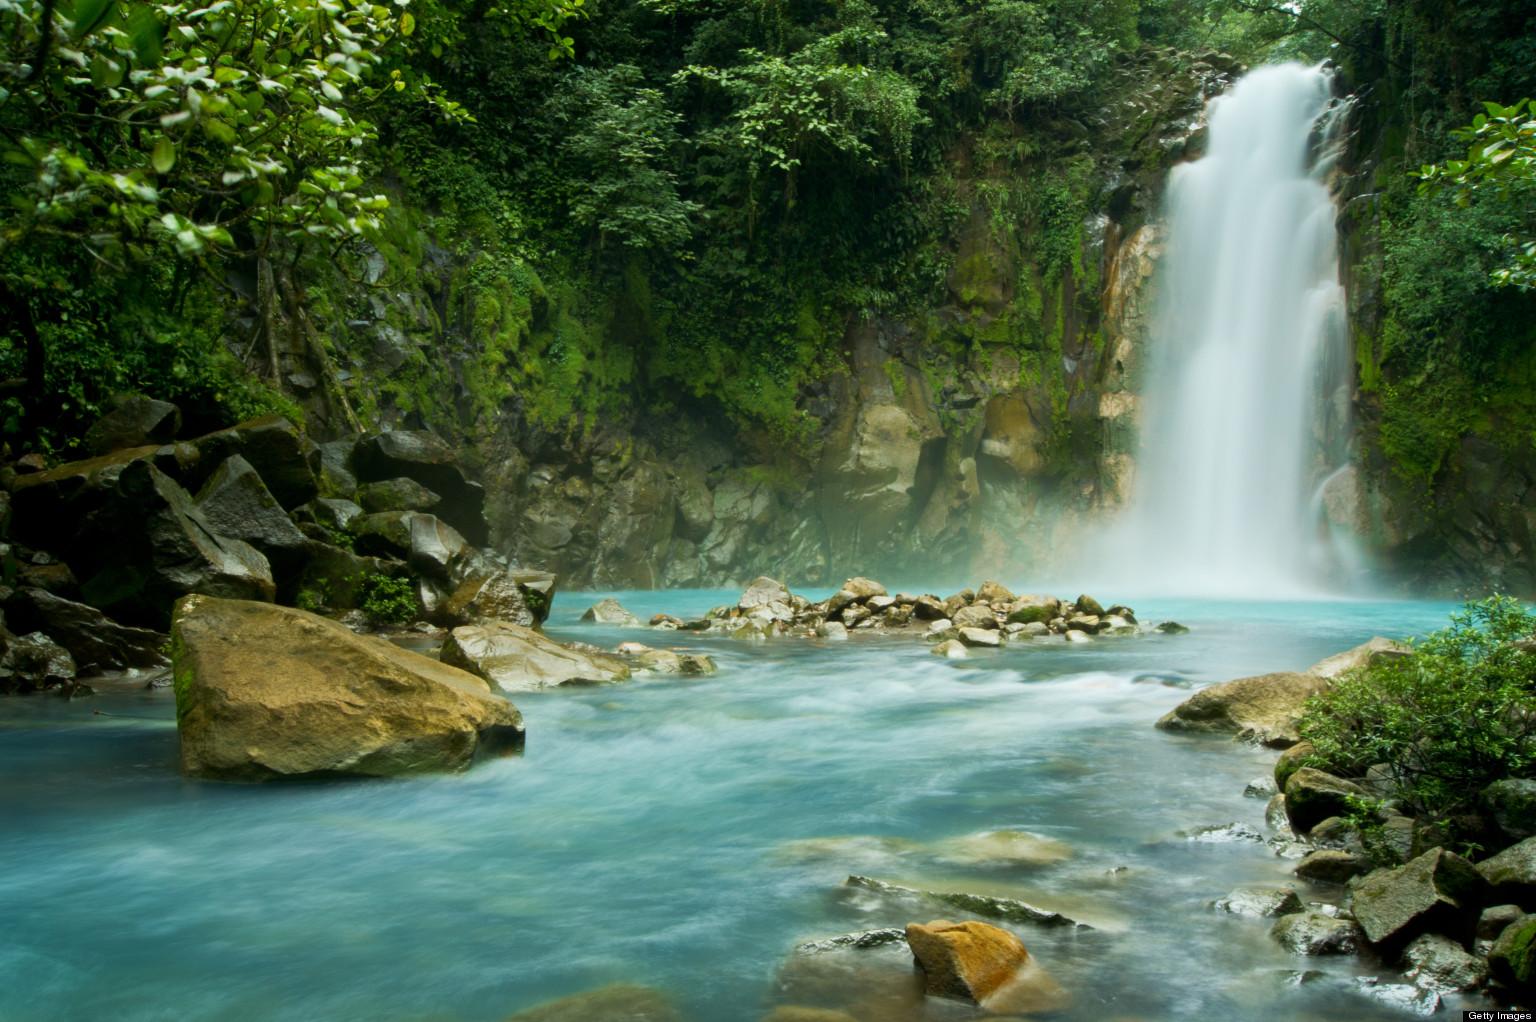 rio-celeste-falls-costa-rica